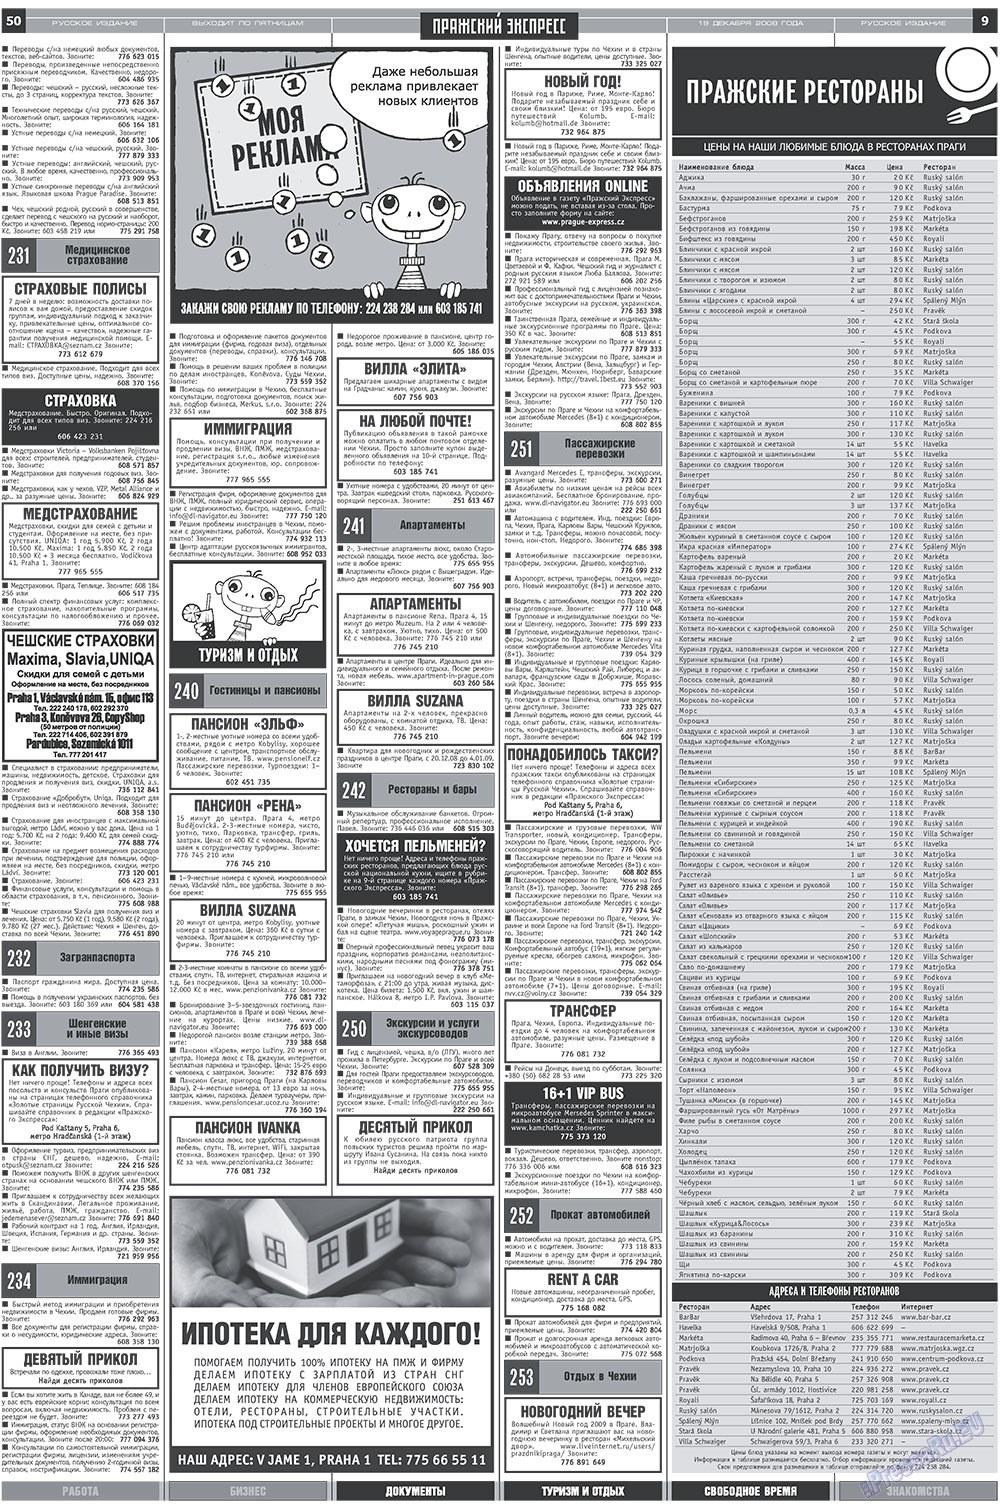 Пражский экспресс (газета). 2008 год, номер 50, стр. 9